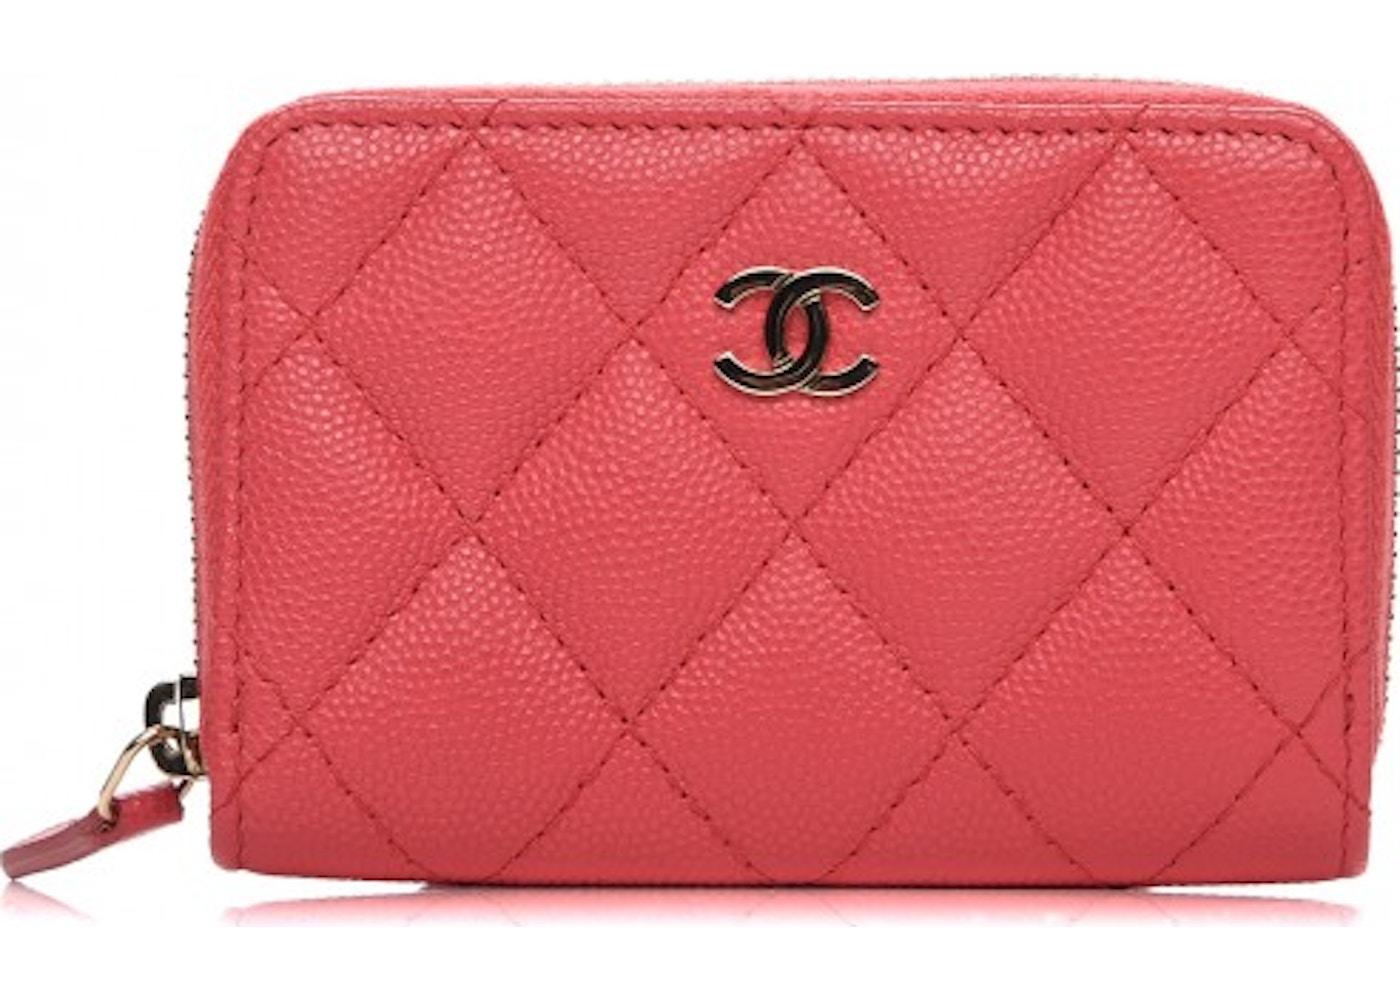 dd4085218793 Chanel Zip Around Coin Purse Diamond Quilted Dark Pink. Diamond Quilted Dark  Pink